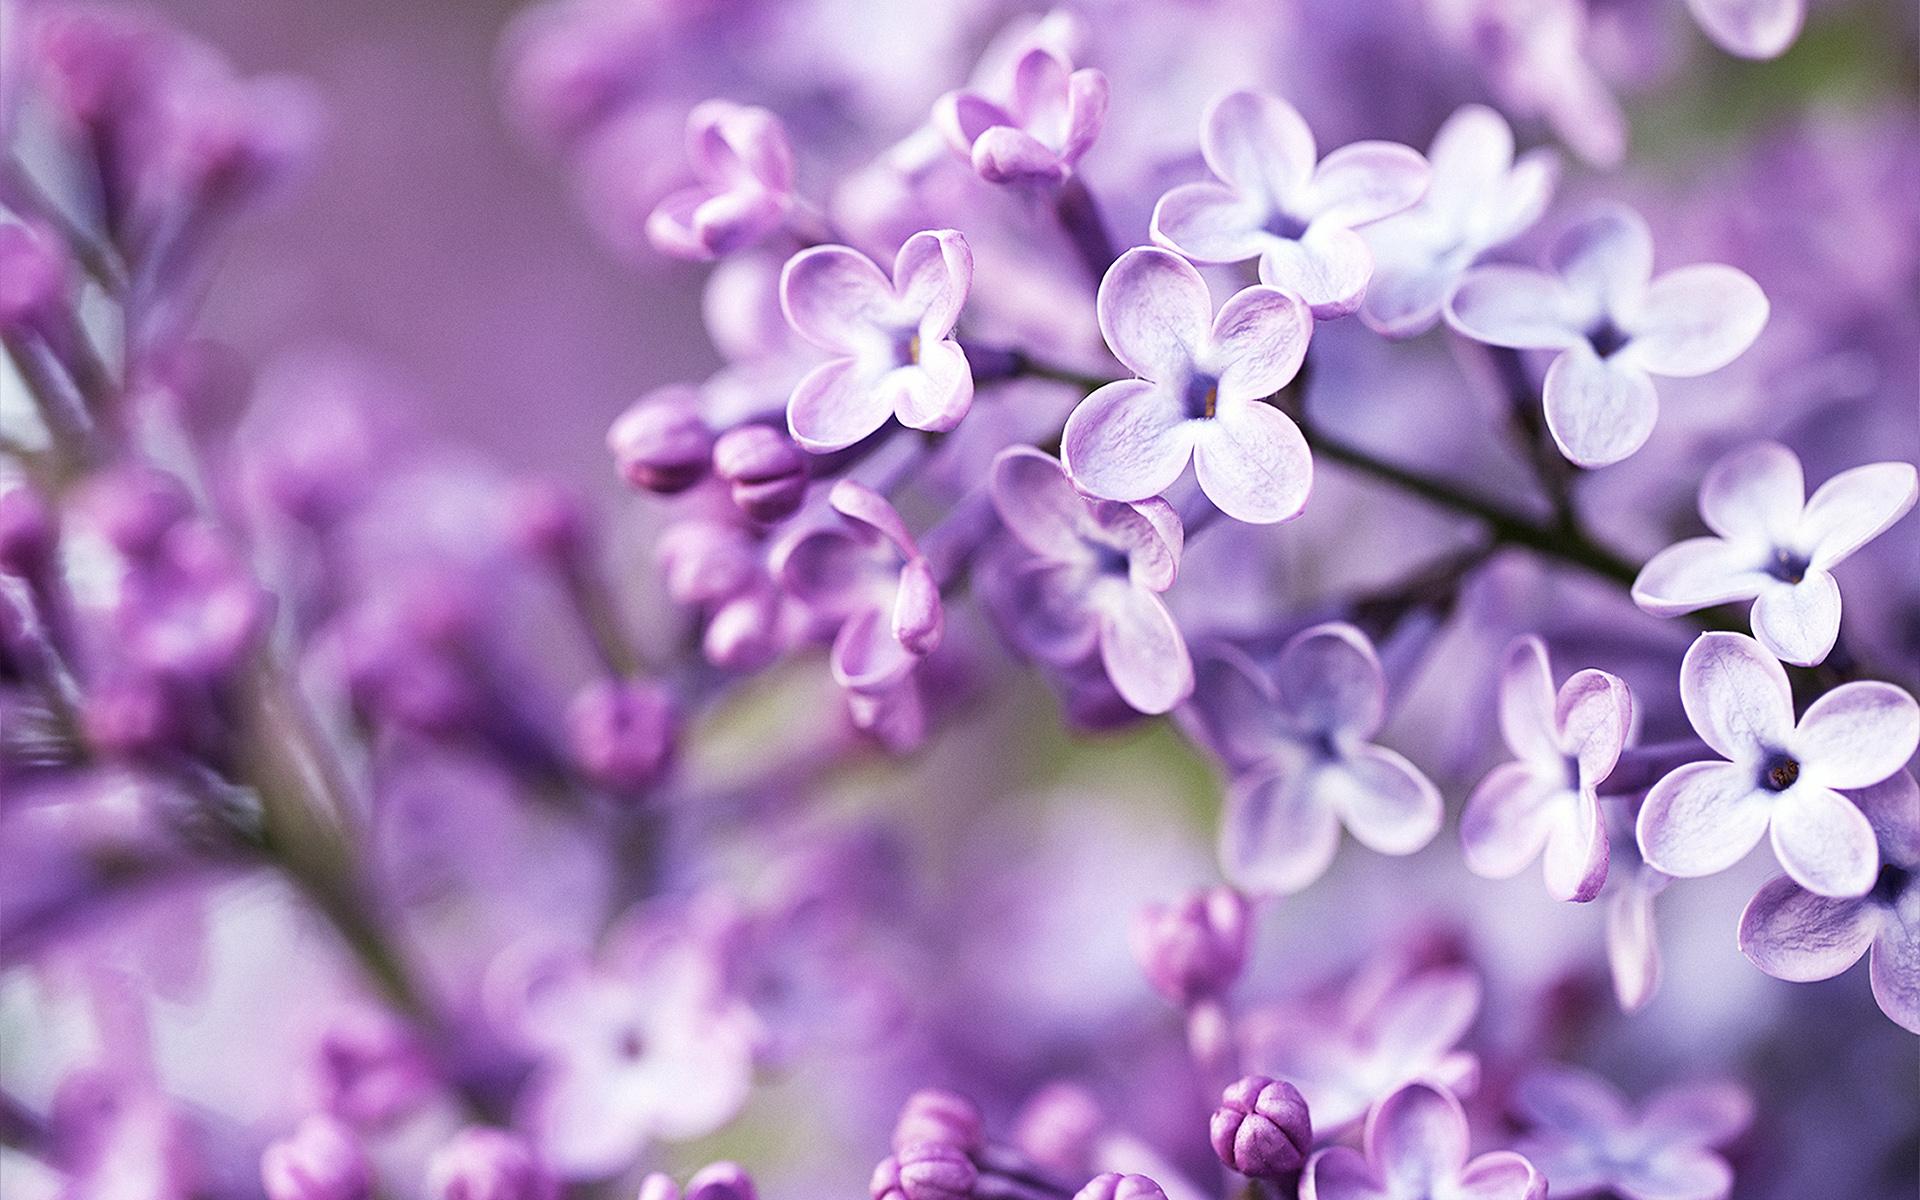 hình nền thiên nhiên mùa xuân